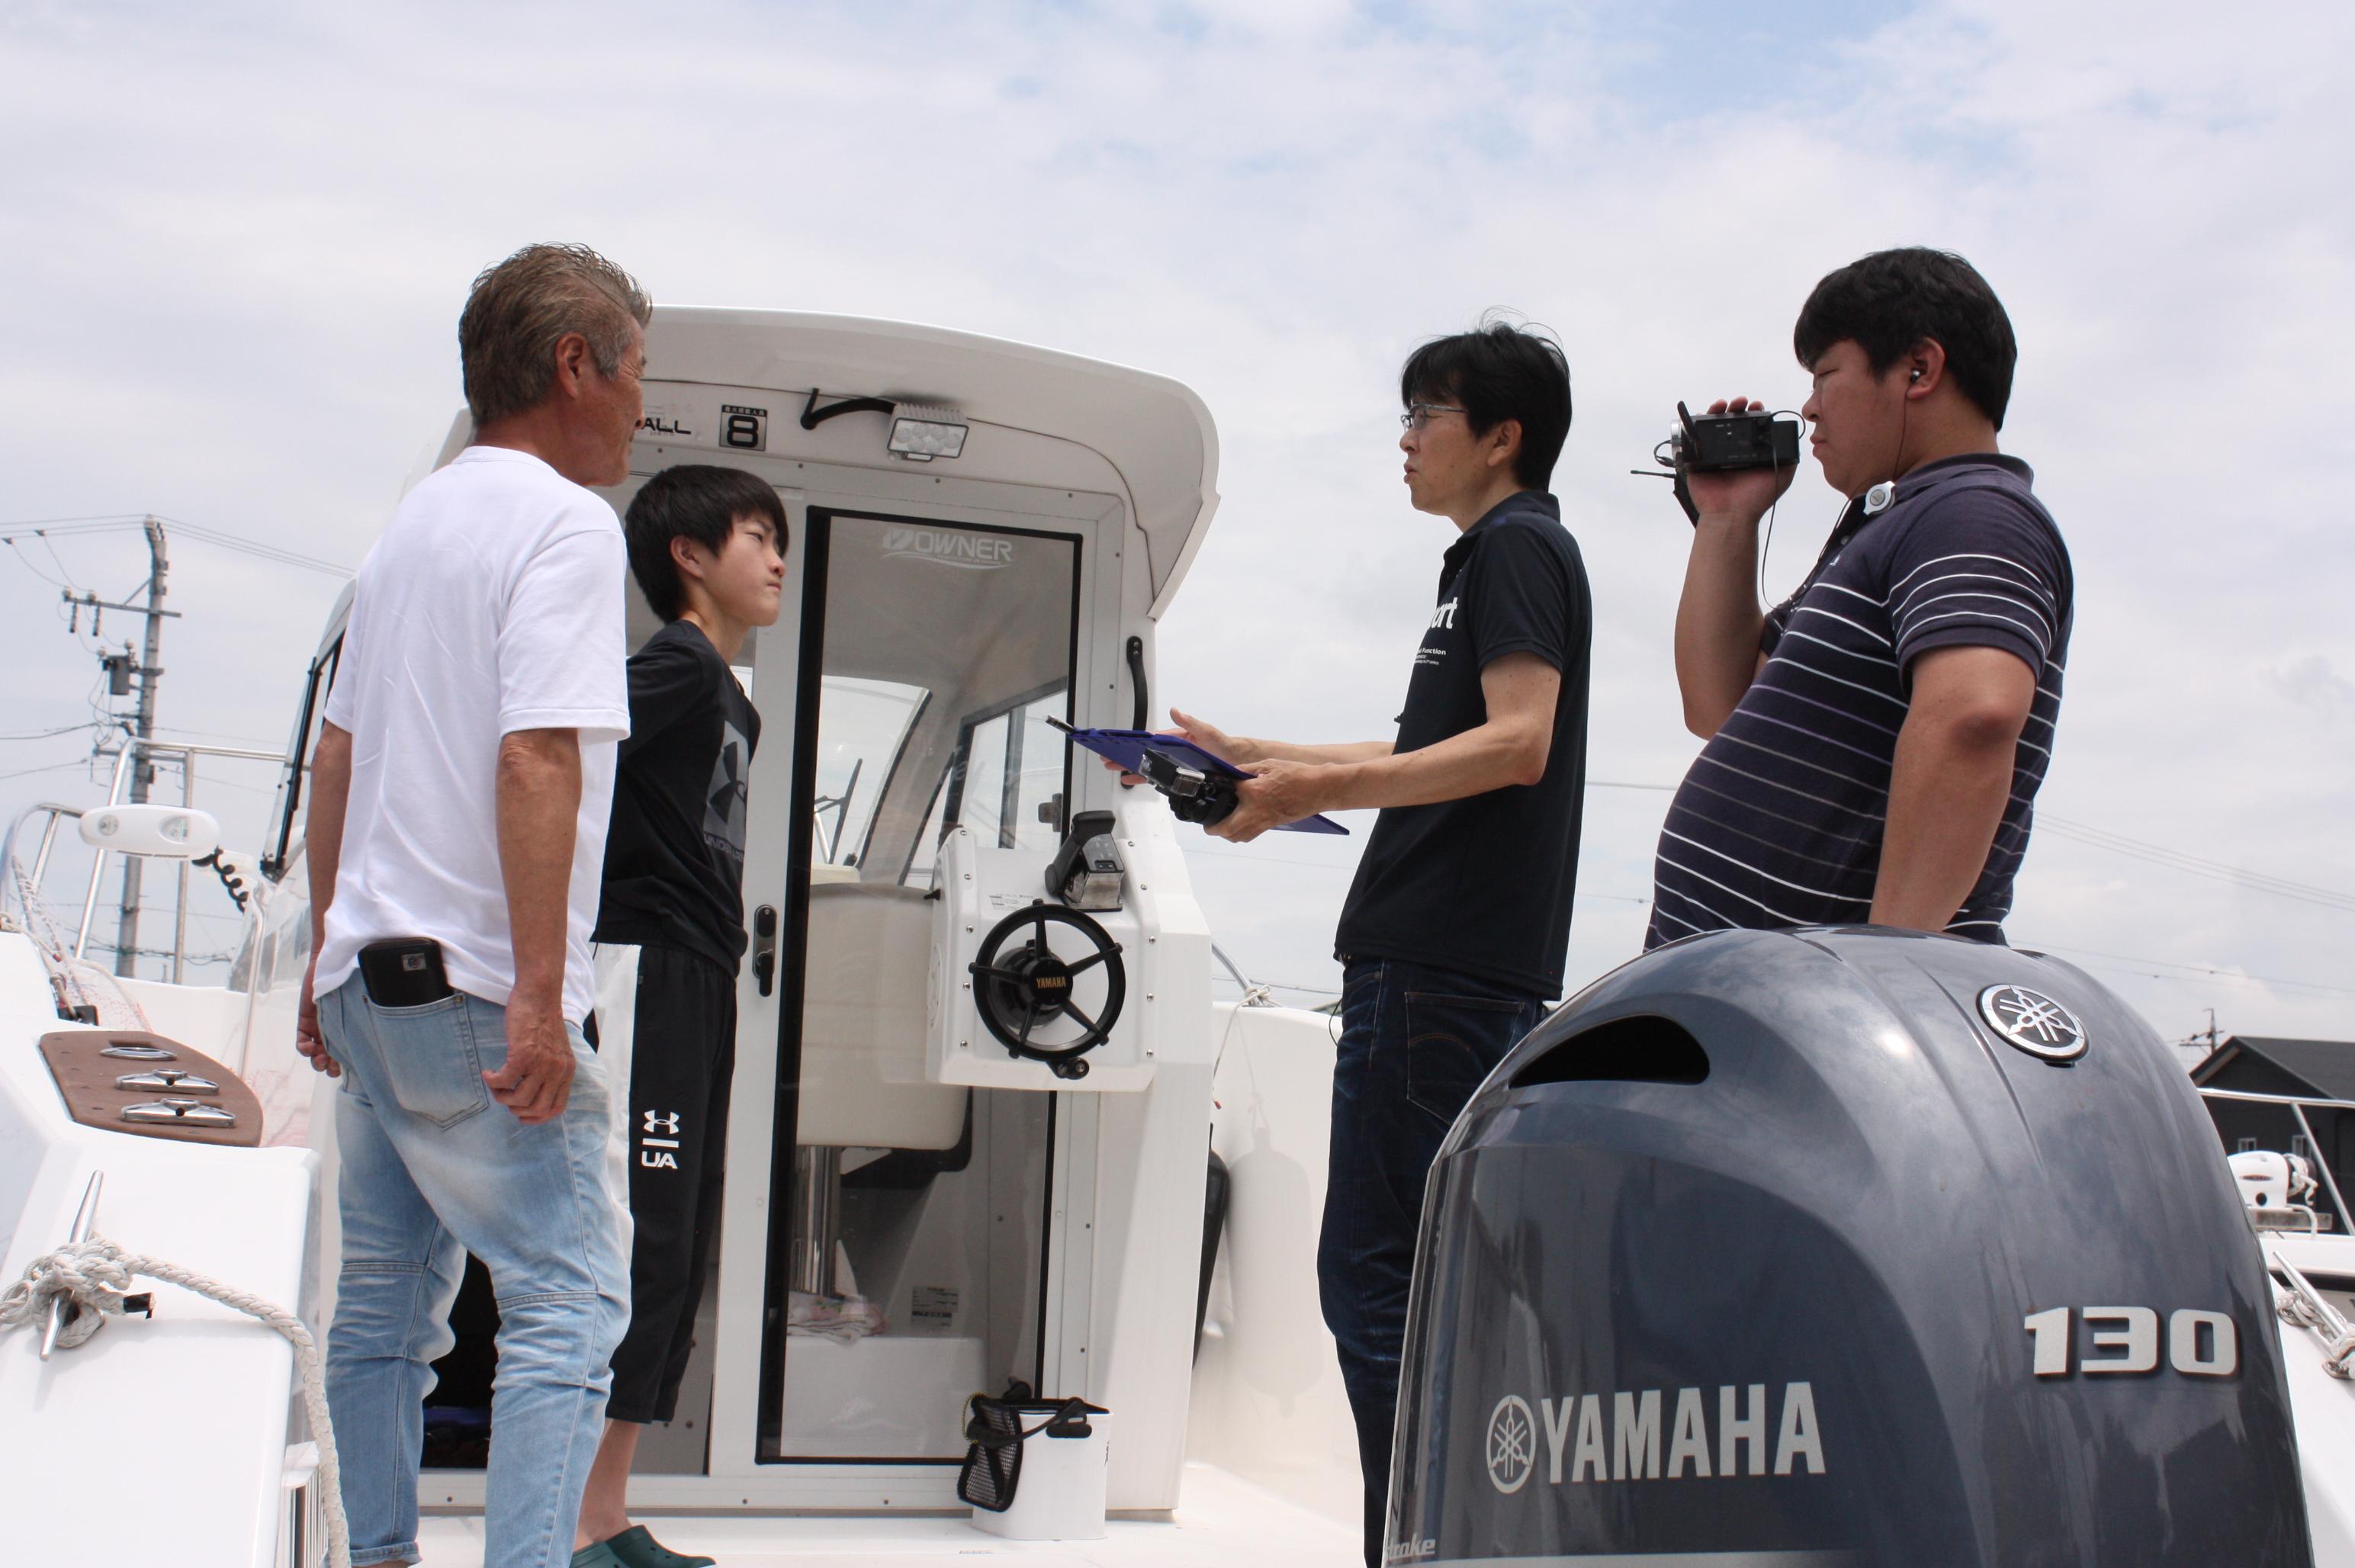 【オーナーズボイス 第1回】ヤマハ YFR-24 愛知県碧南市 衣浦マリーナ